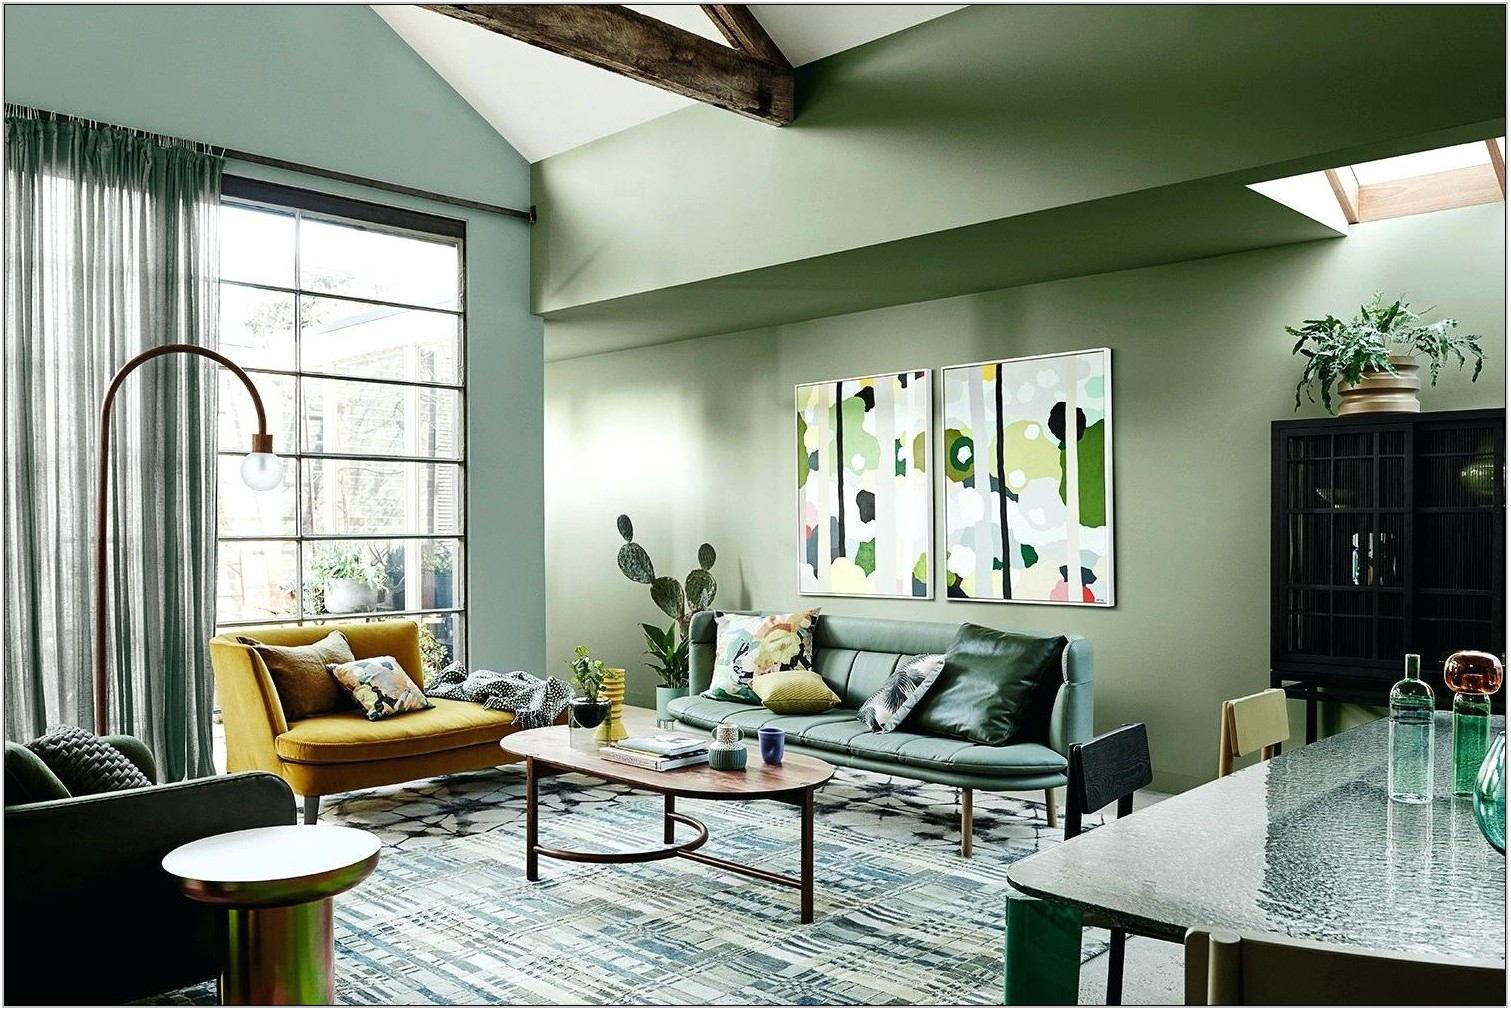 Home Living Room Design Ideas